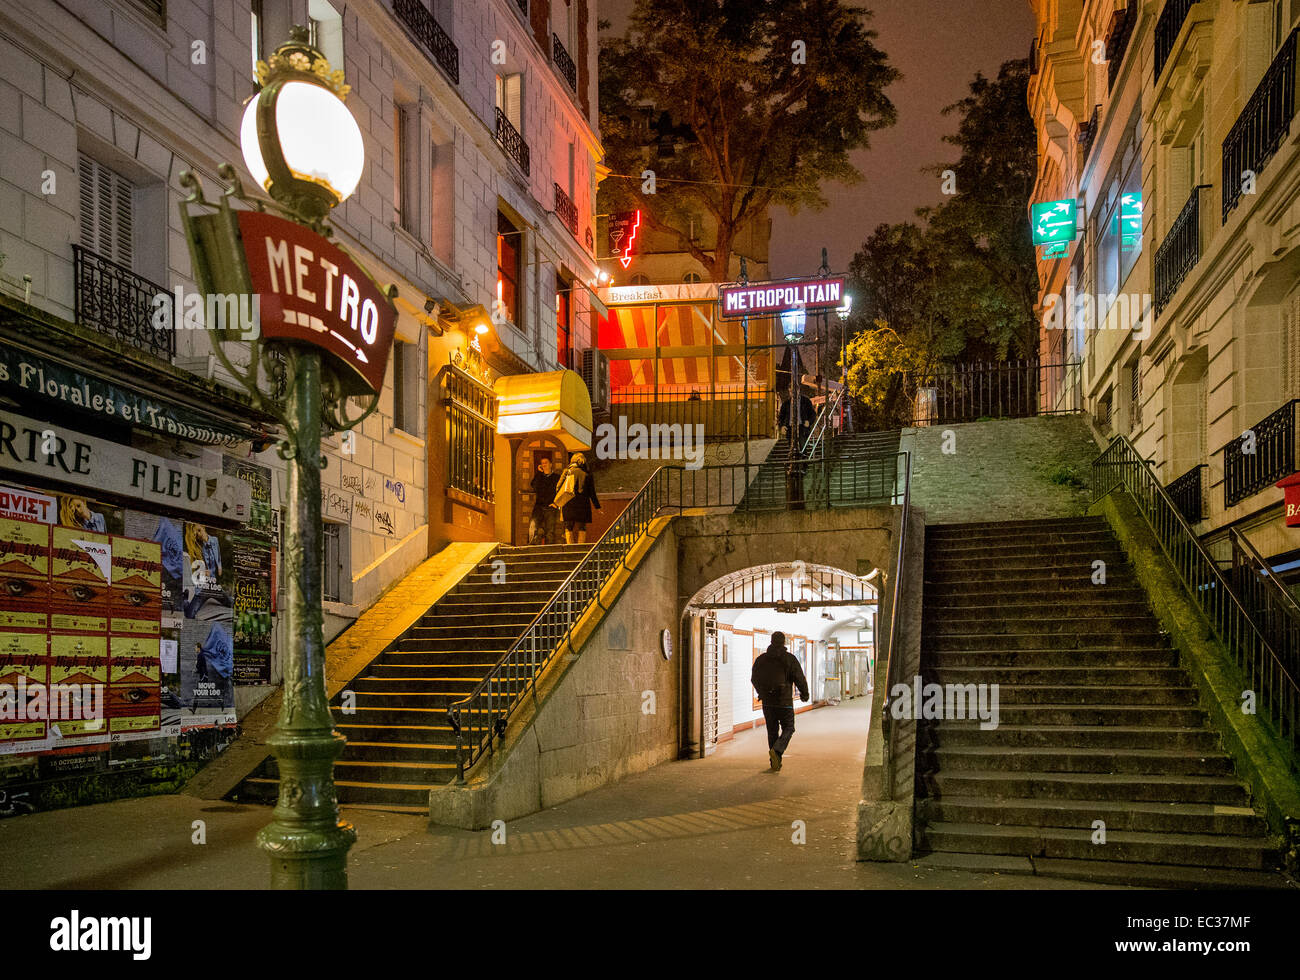 Montmartre paris france métro entrée nuit Photo Stock